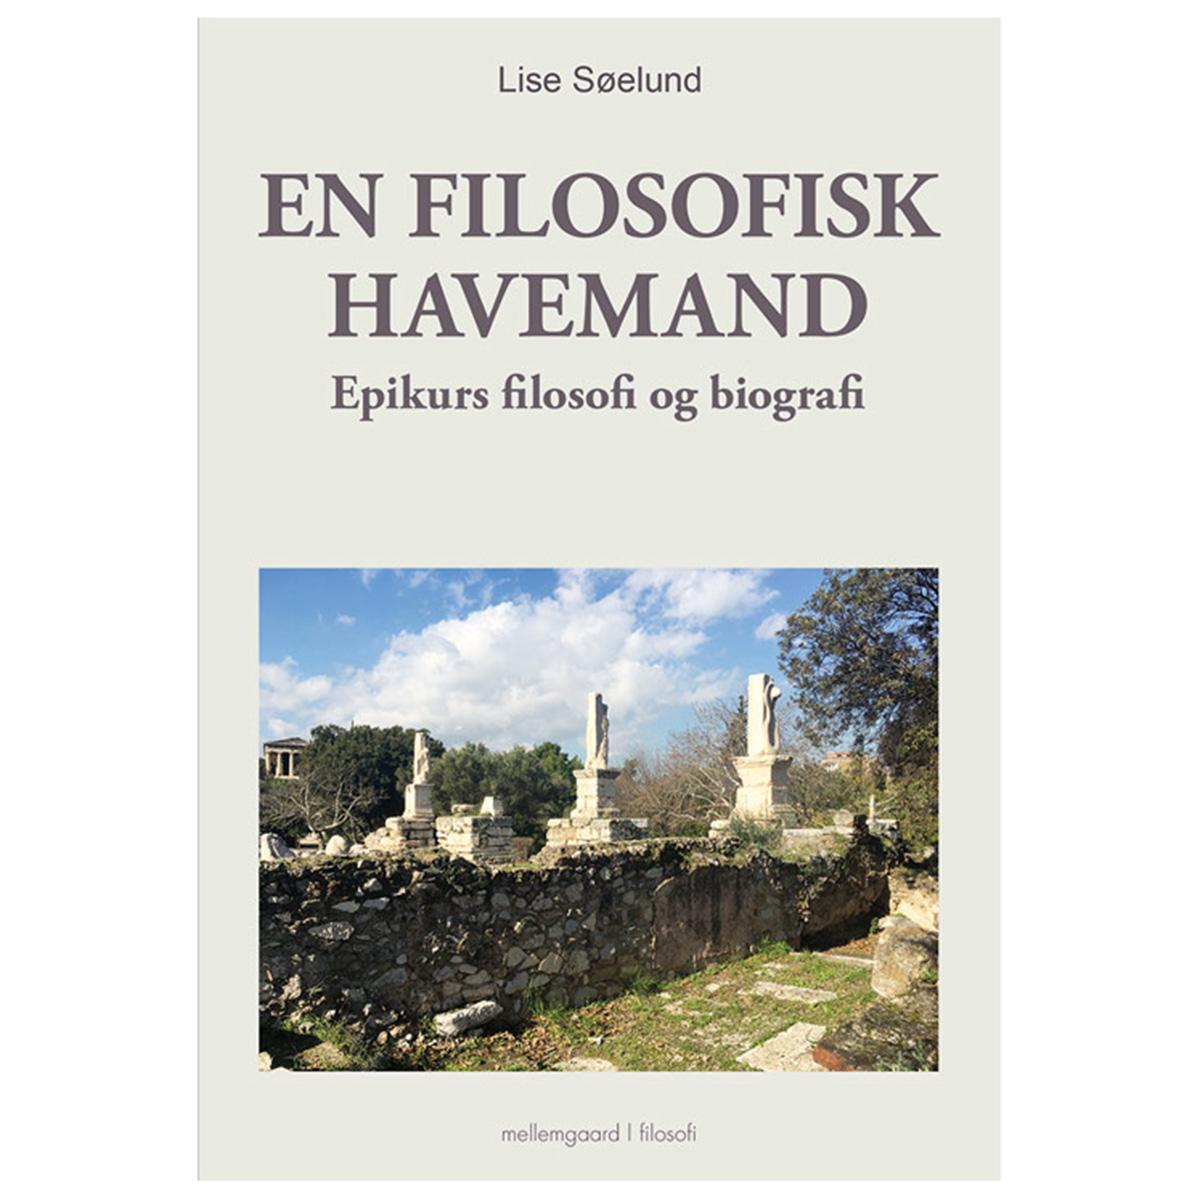 En filosofisk havemand - Epikurs filosofi og biografi - Hæftet